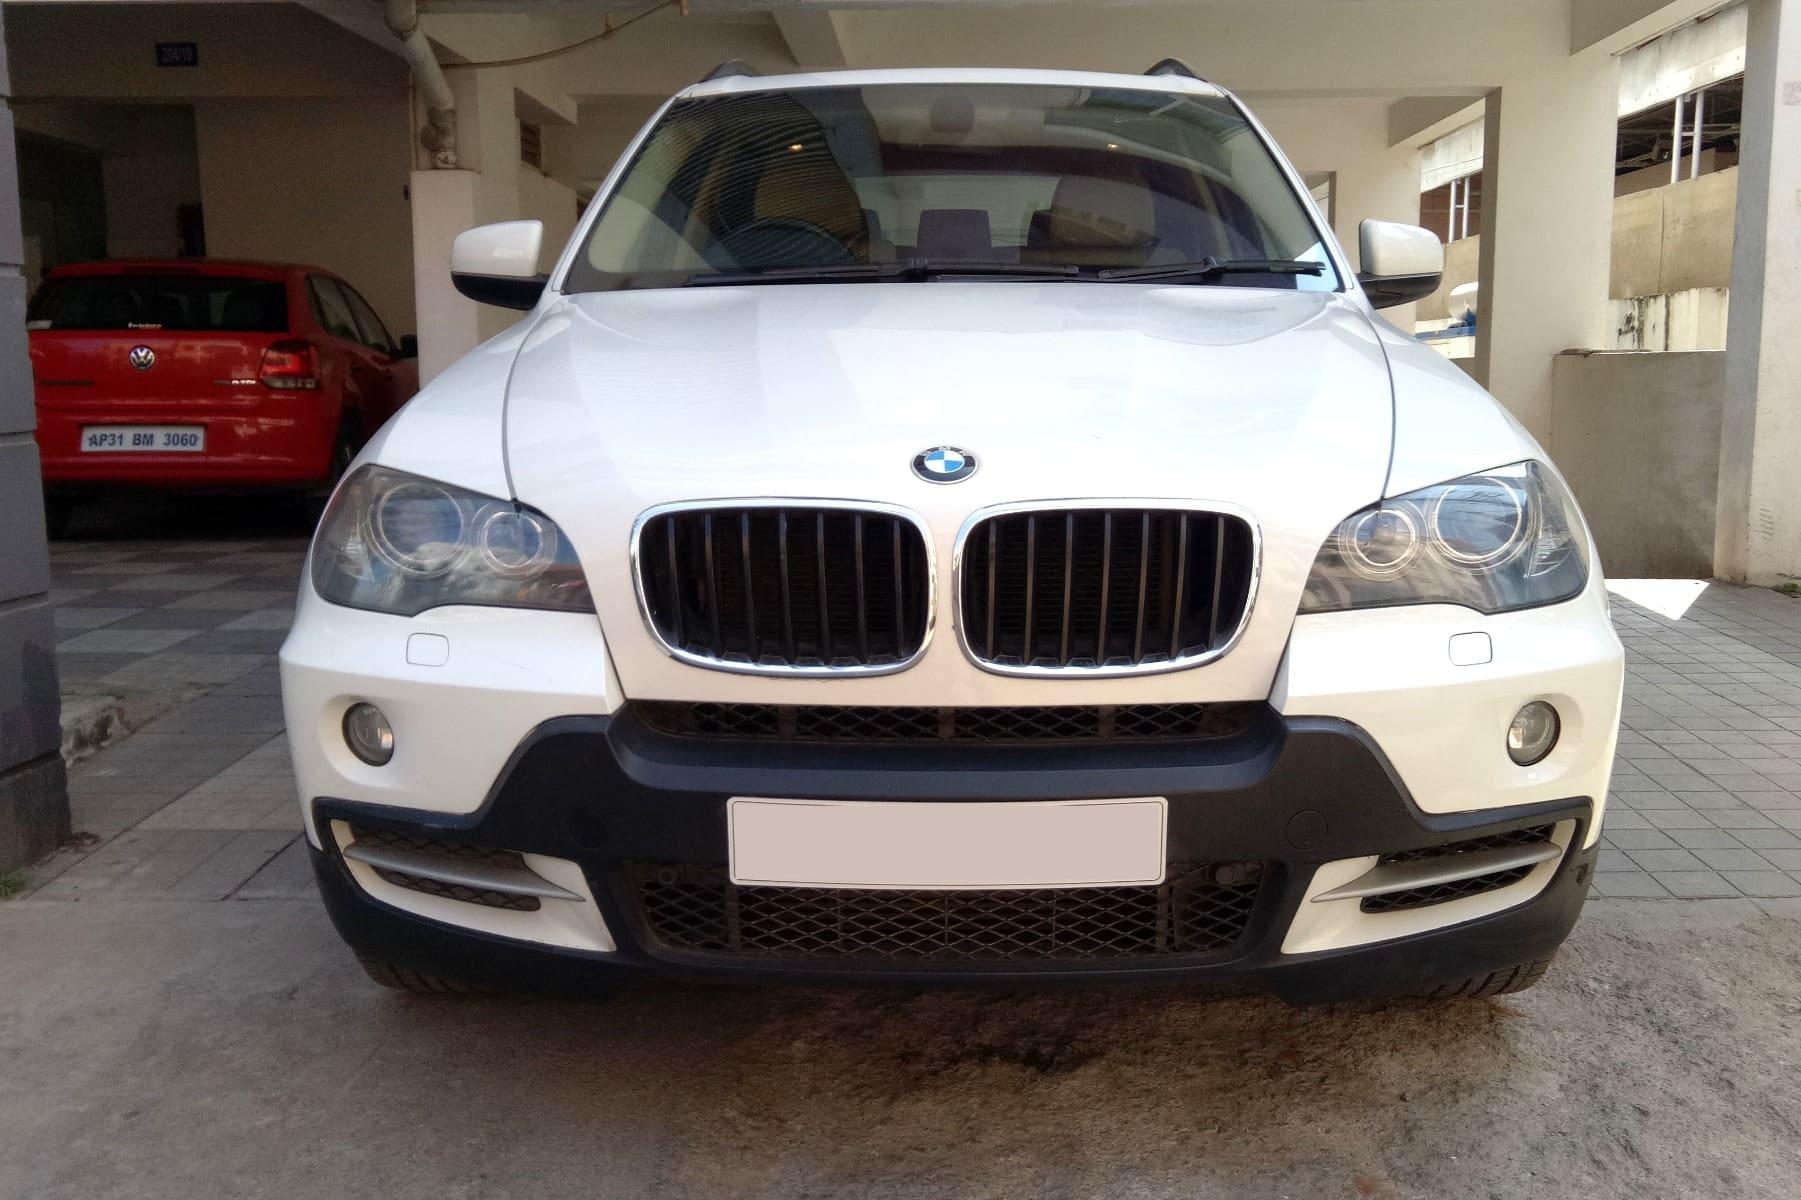 BMW X5 2007-2013 xDrive 30d